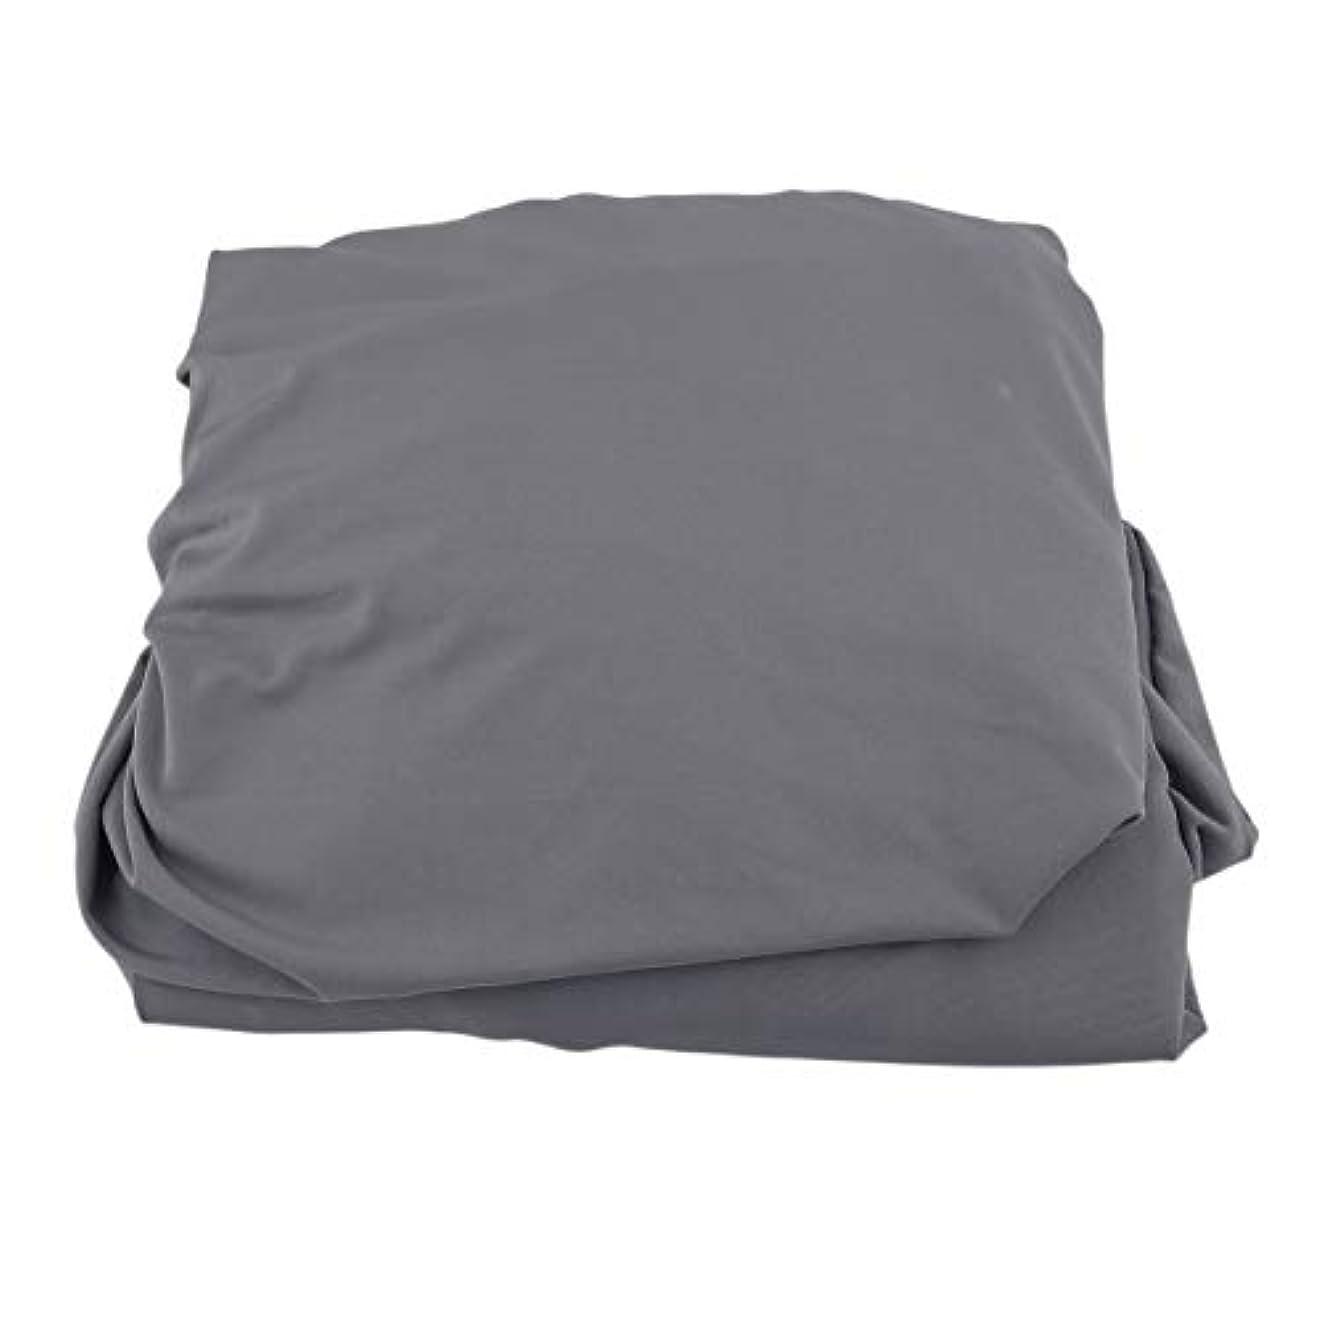 マカダムトリクル見物人Saikogoods 弾性ポリエステルソファカバーピュアカラーストレッチ本のカバー柔軟な椅子Dustcoat耐久性のあるソファーカバー家具の布 グレー